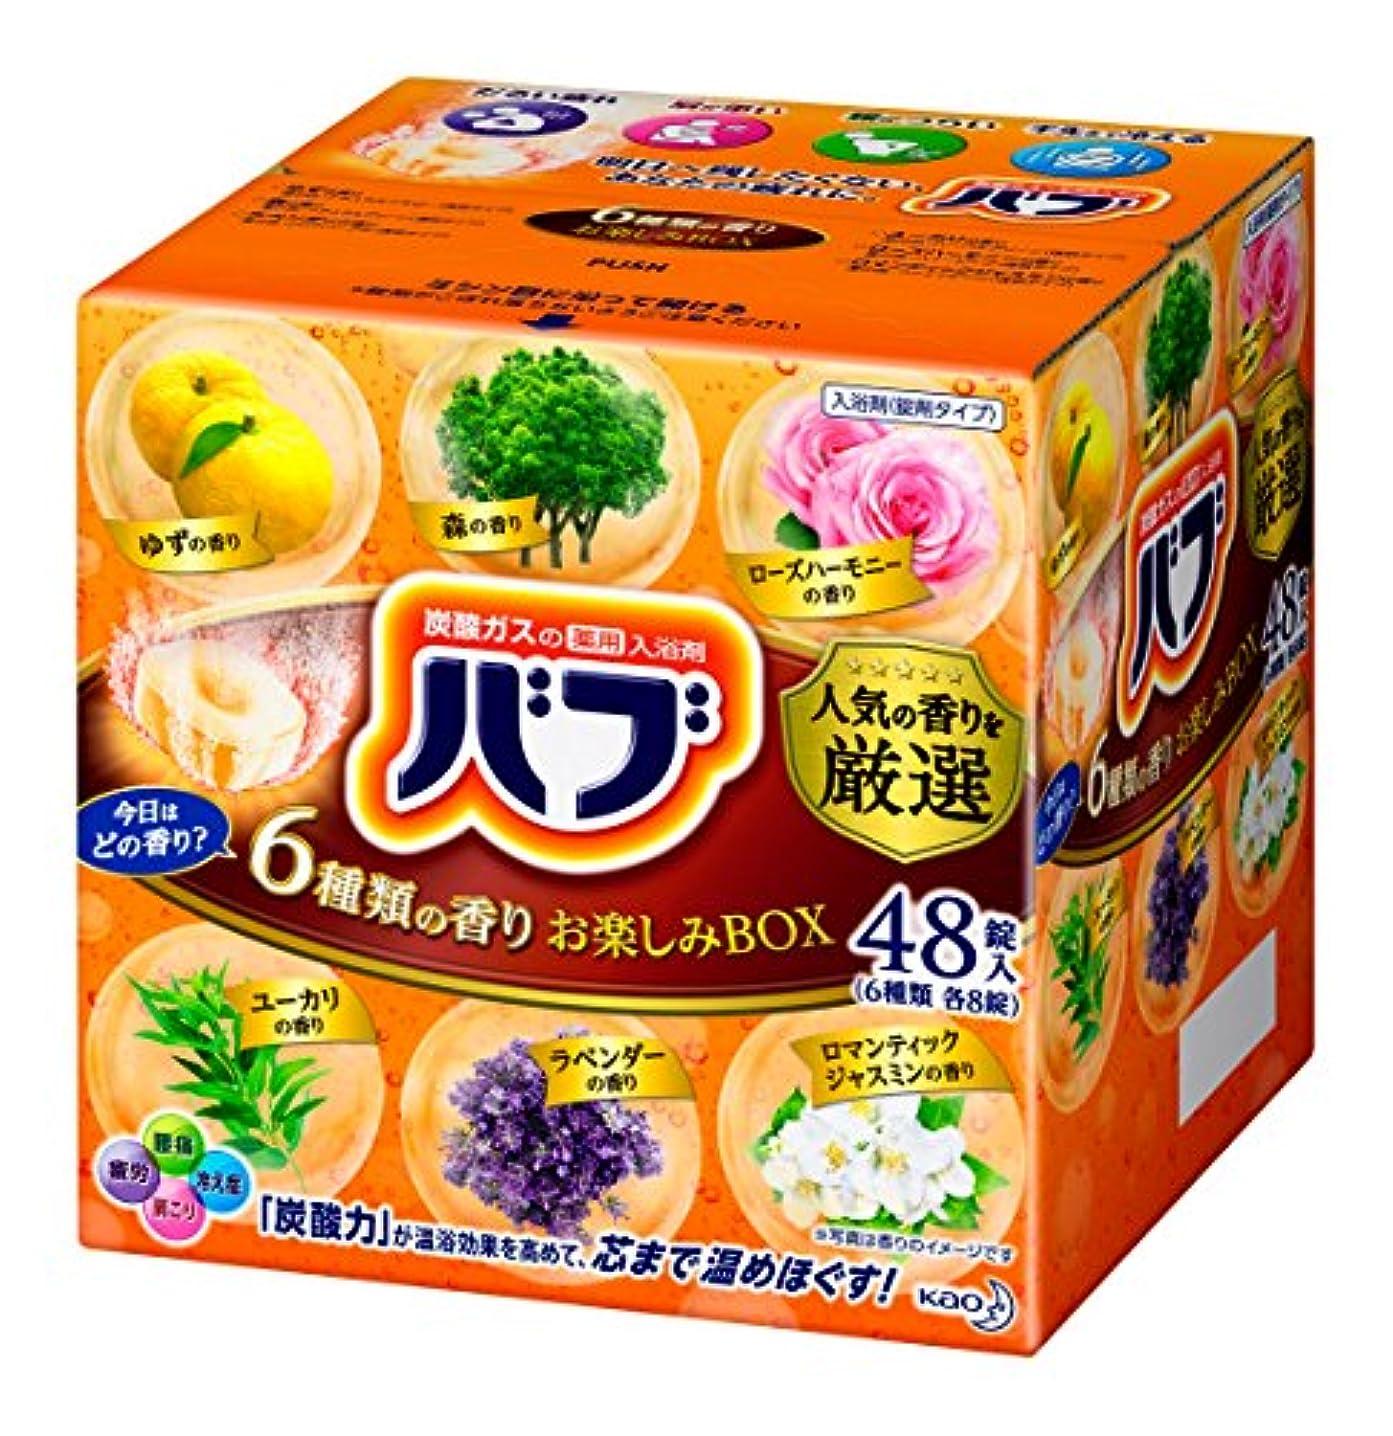 メンタル作者太平洋諸島【大容量】バブ 6つの香りお楽しみBOX 48錠